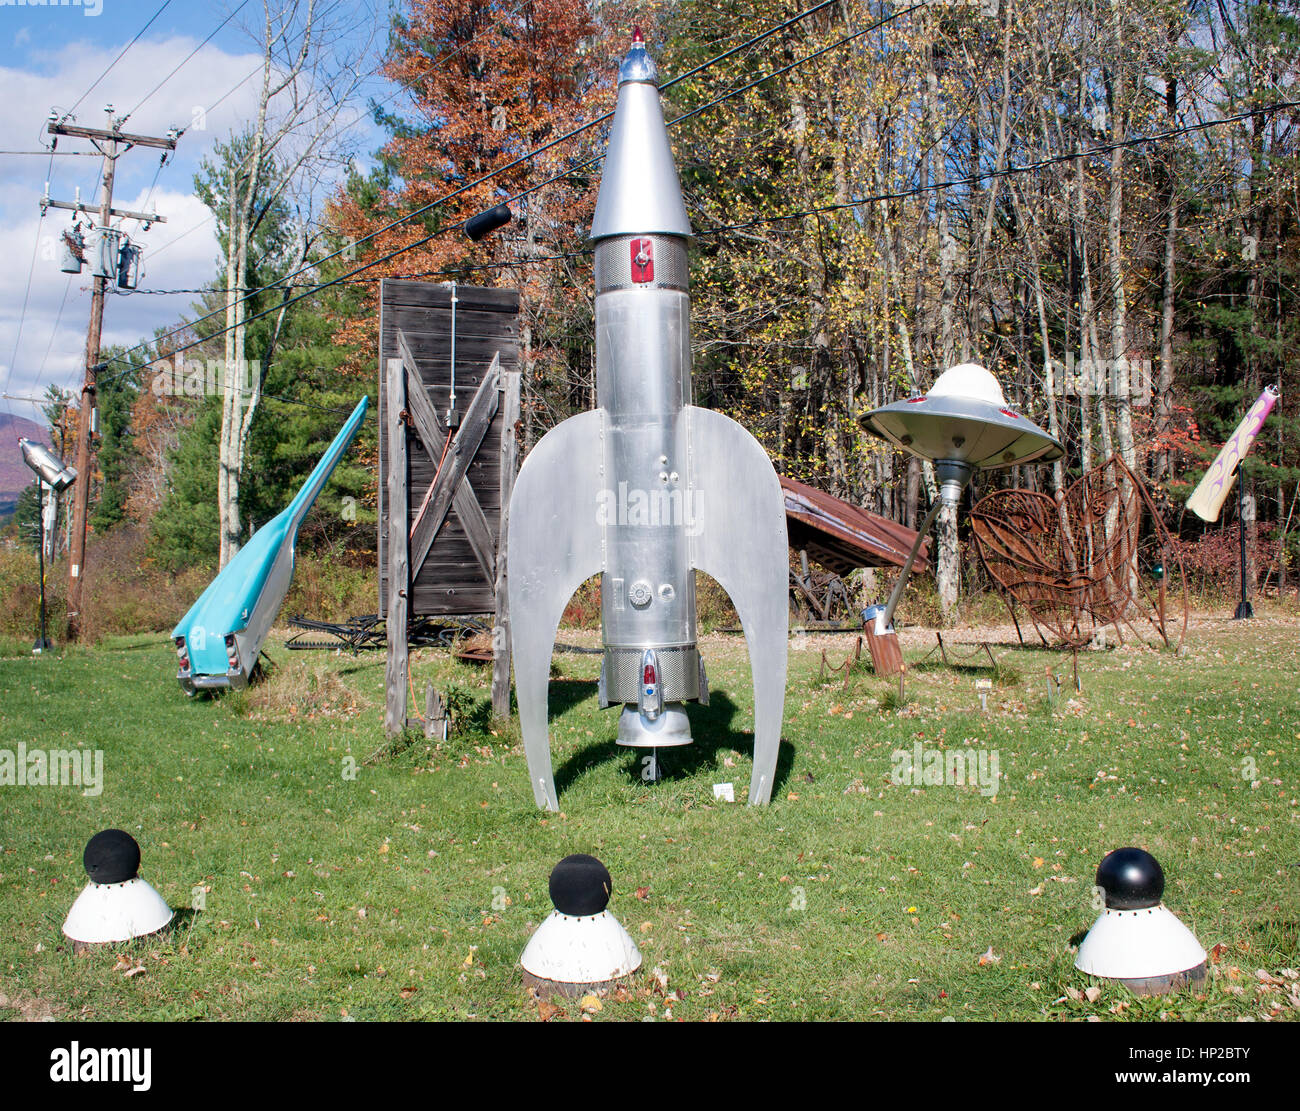 Steve Heller folk art like this rocketship in Boiceville New York. - Stock Image